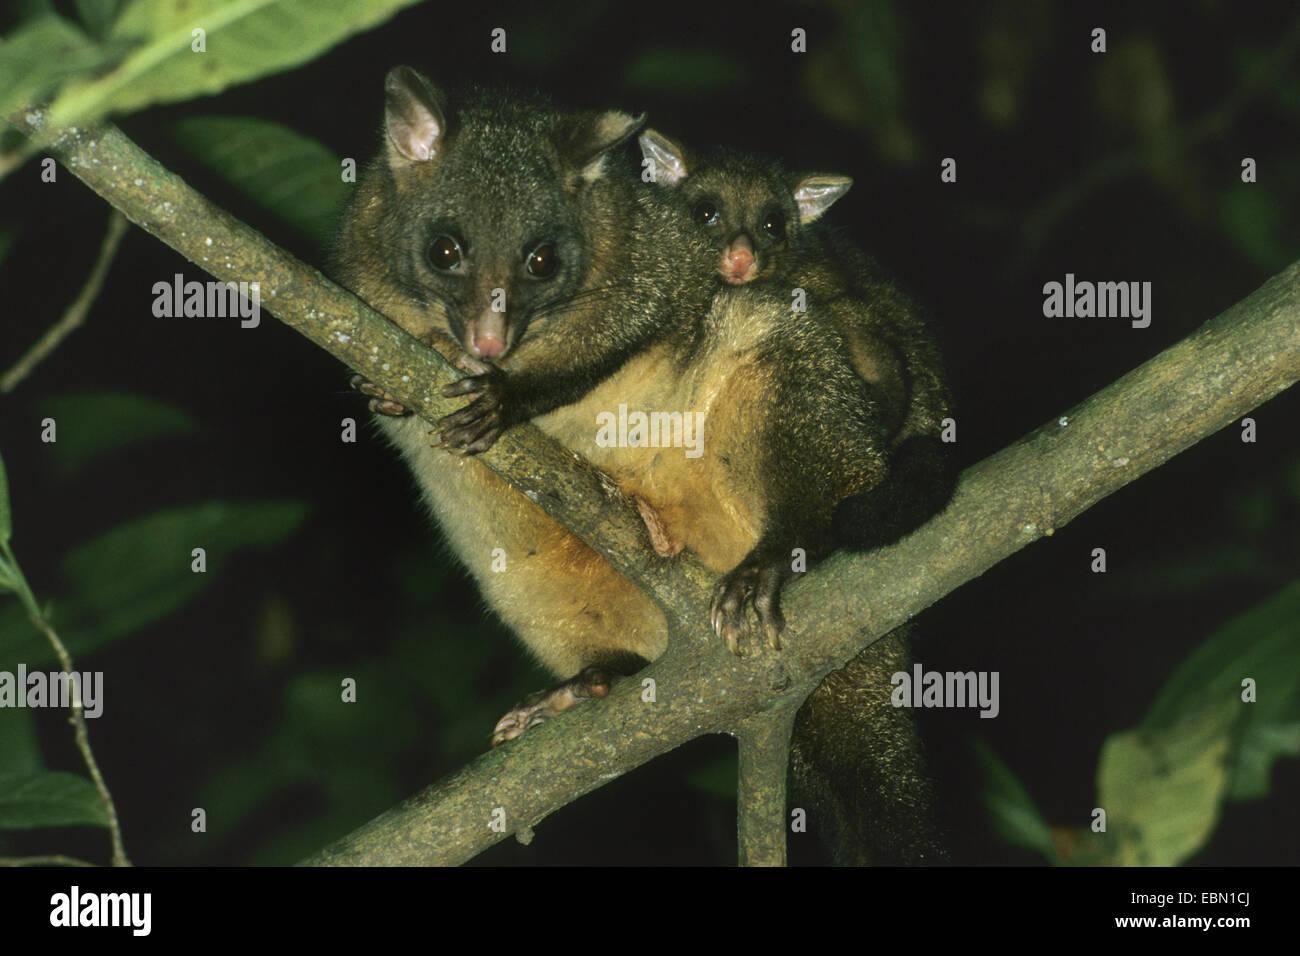 Brush-tailed Brushtail Possum, Possom (Trichosurus vulpecula), madre con pick-a-back su hijo Imagen De Stock